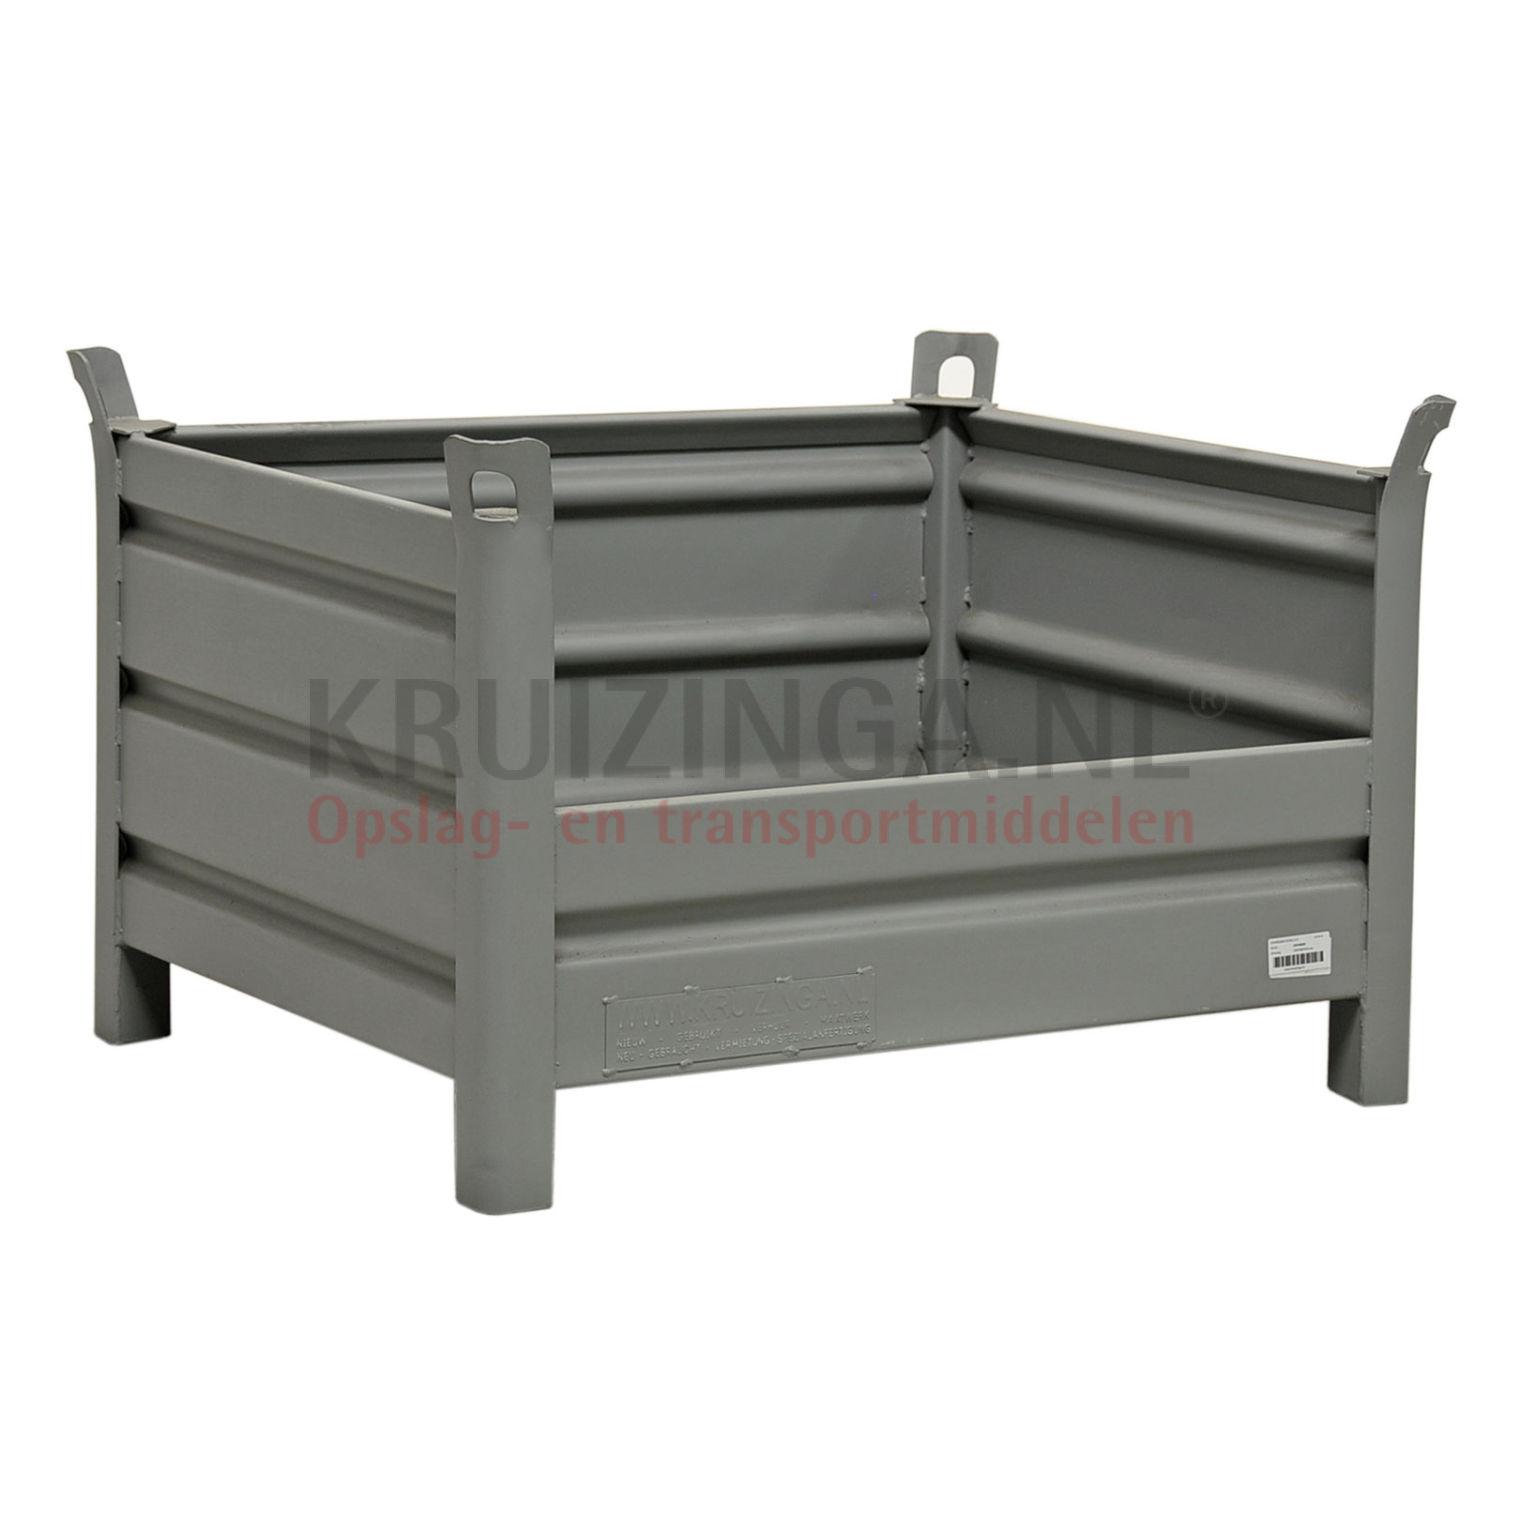 bac de rangement acier construction robuste bac empilable 1 paroi demi haut partir de 148 50. Black Bedroom Furniture Sets. Home Design Ideas